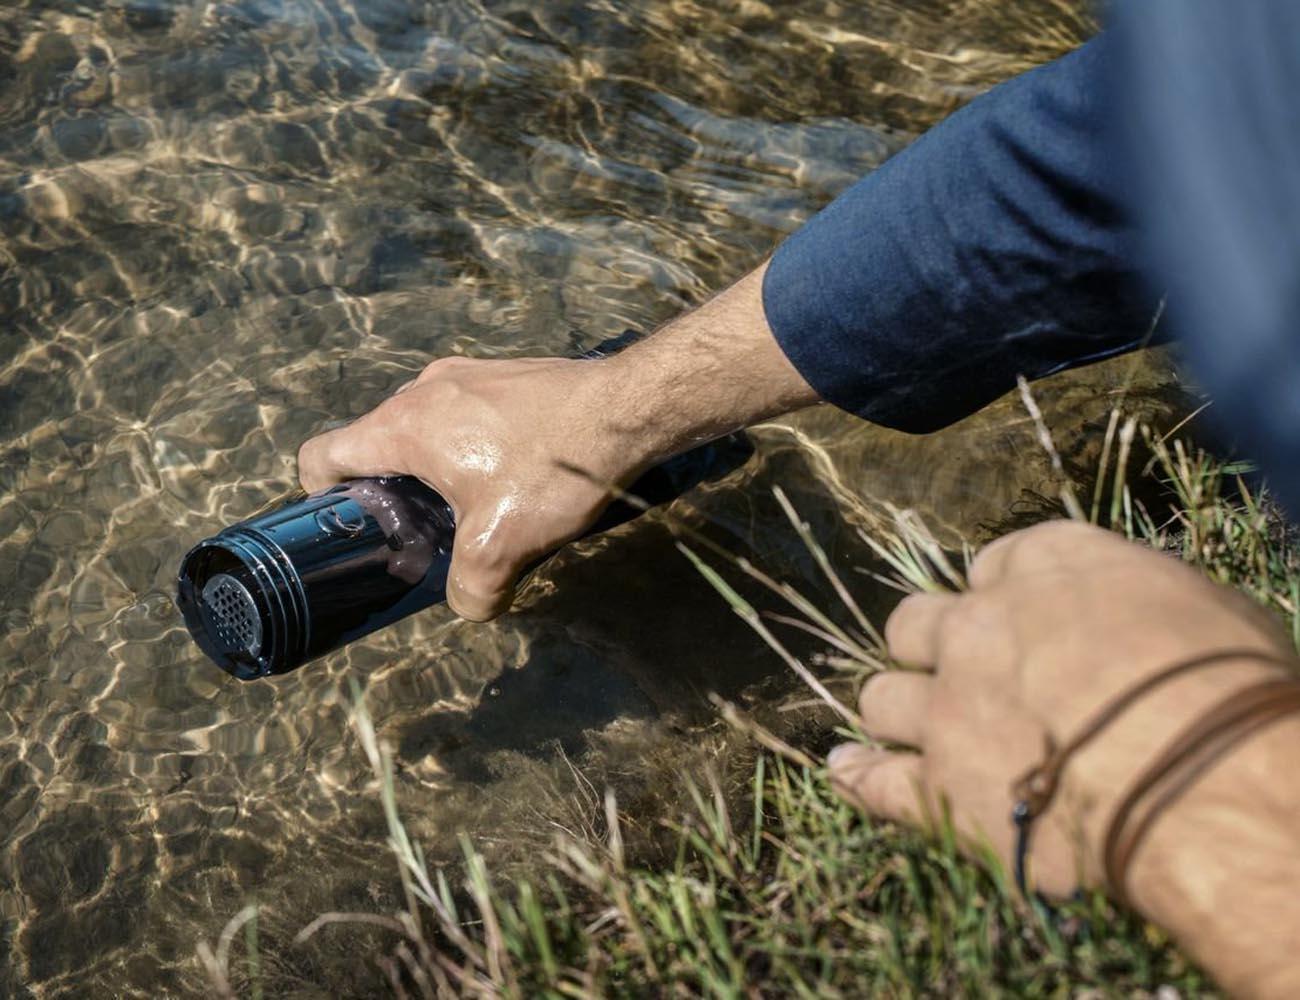 Alter Ego Water Filtration Bottle